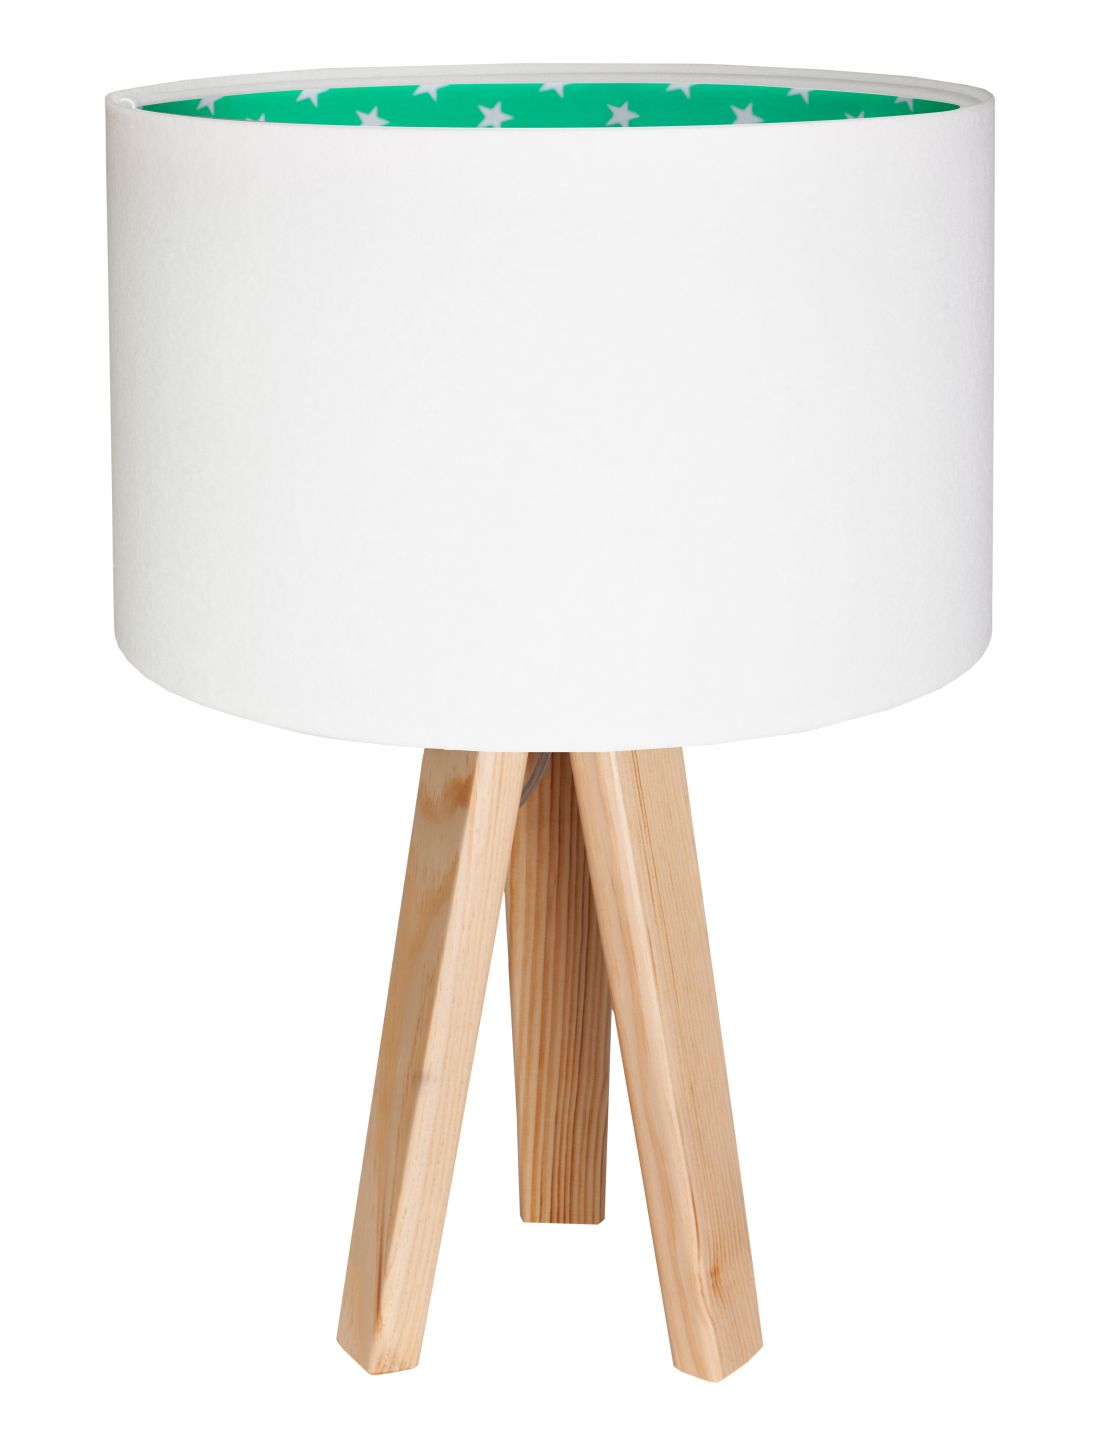 Tischlampe Dreibein Holzleuchte Weiß Grün Stoff BECKA